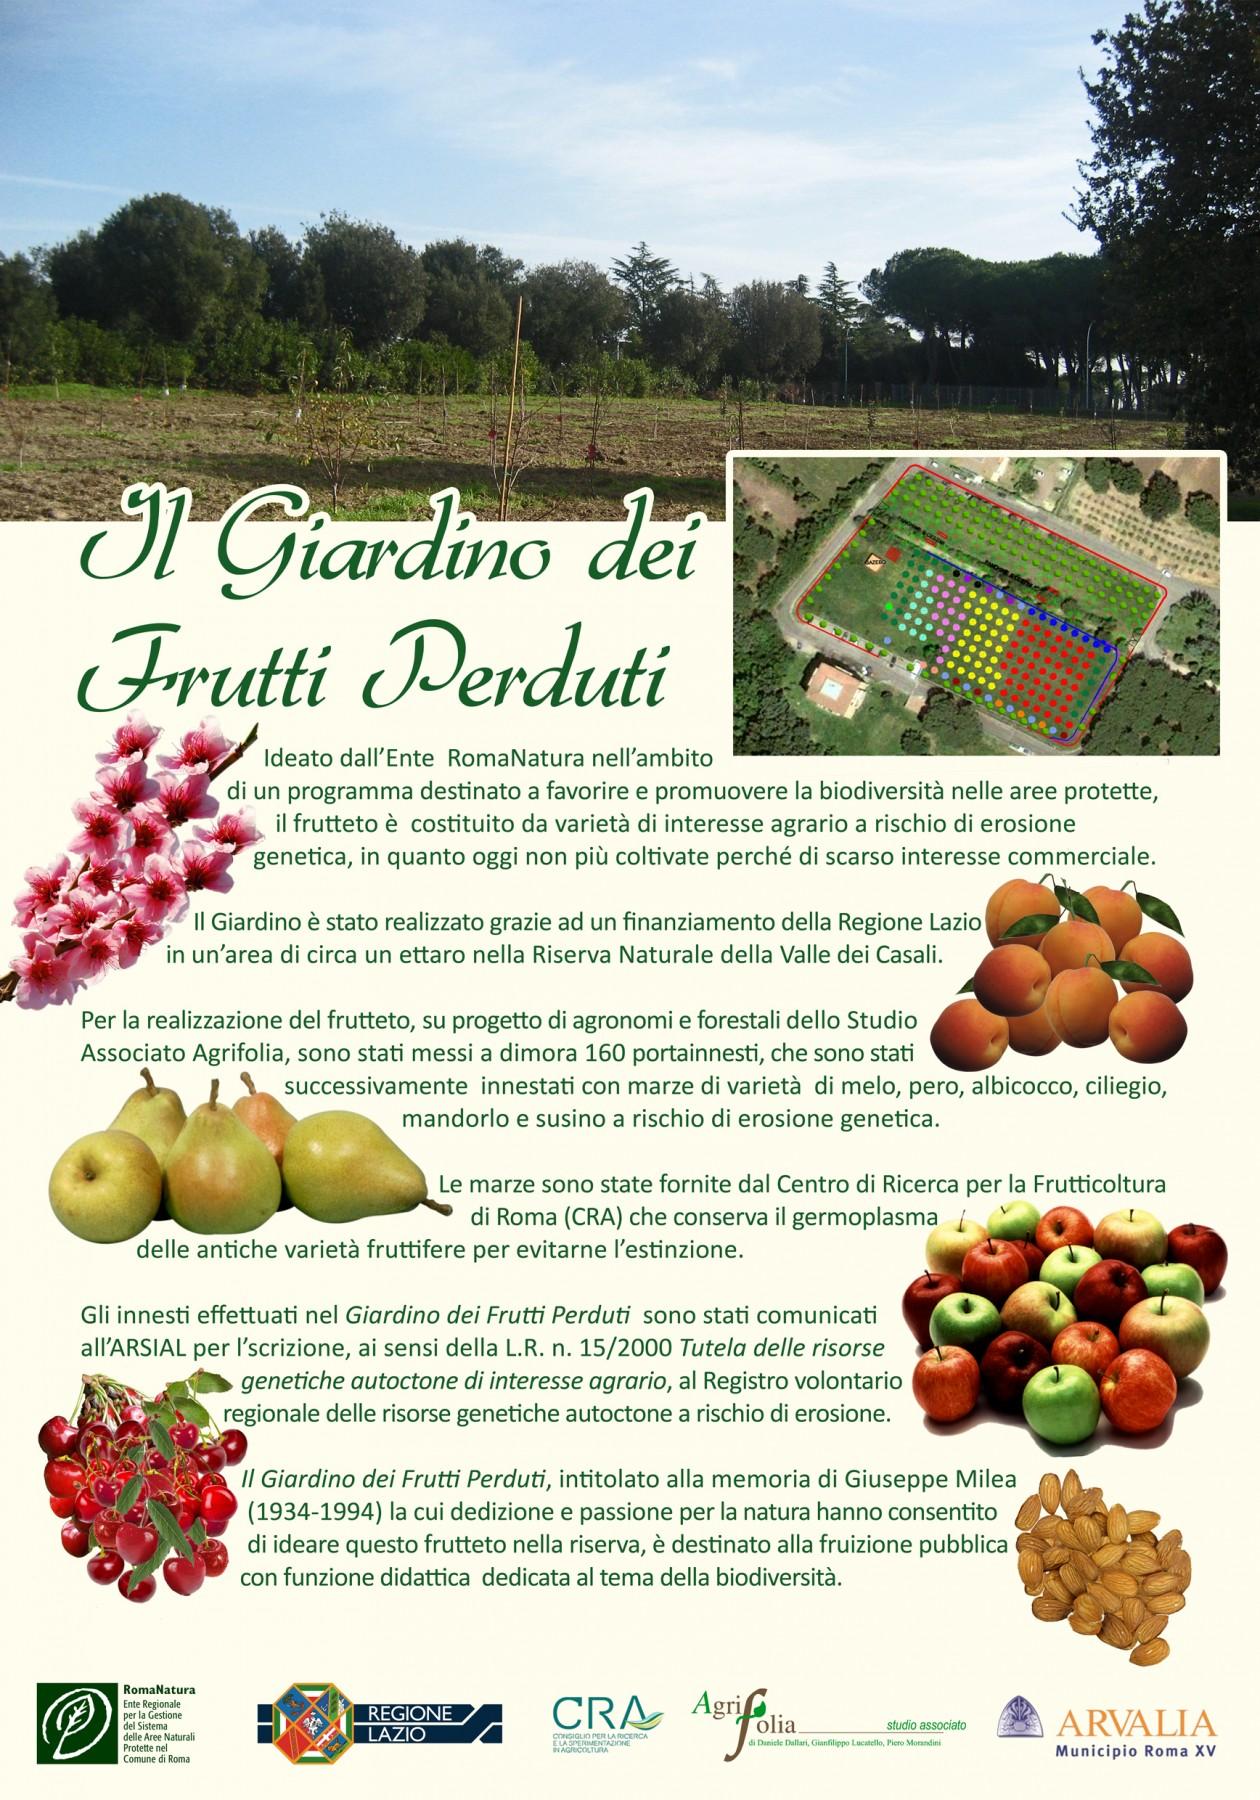 Il Giardino dei Frutti Peduti